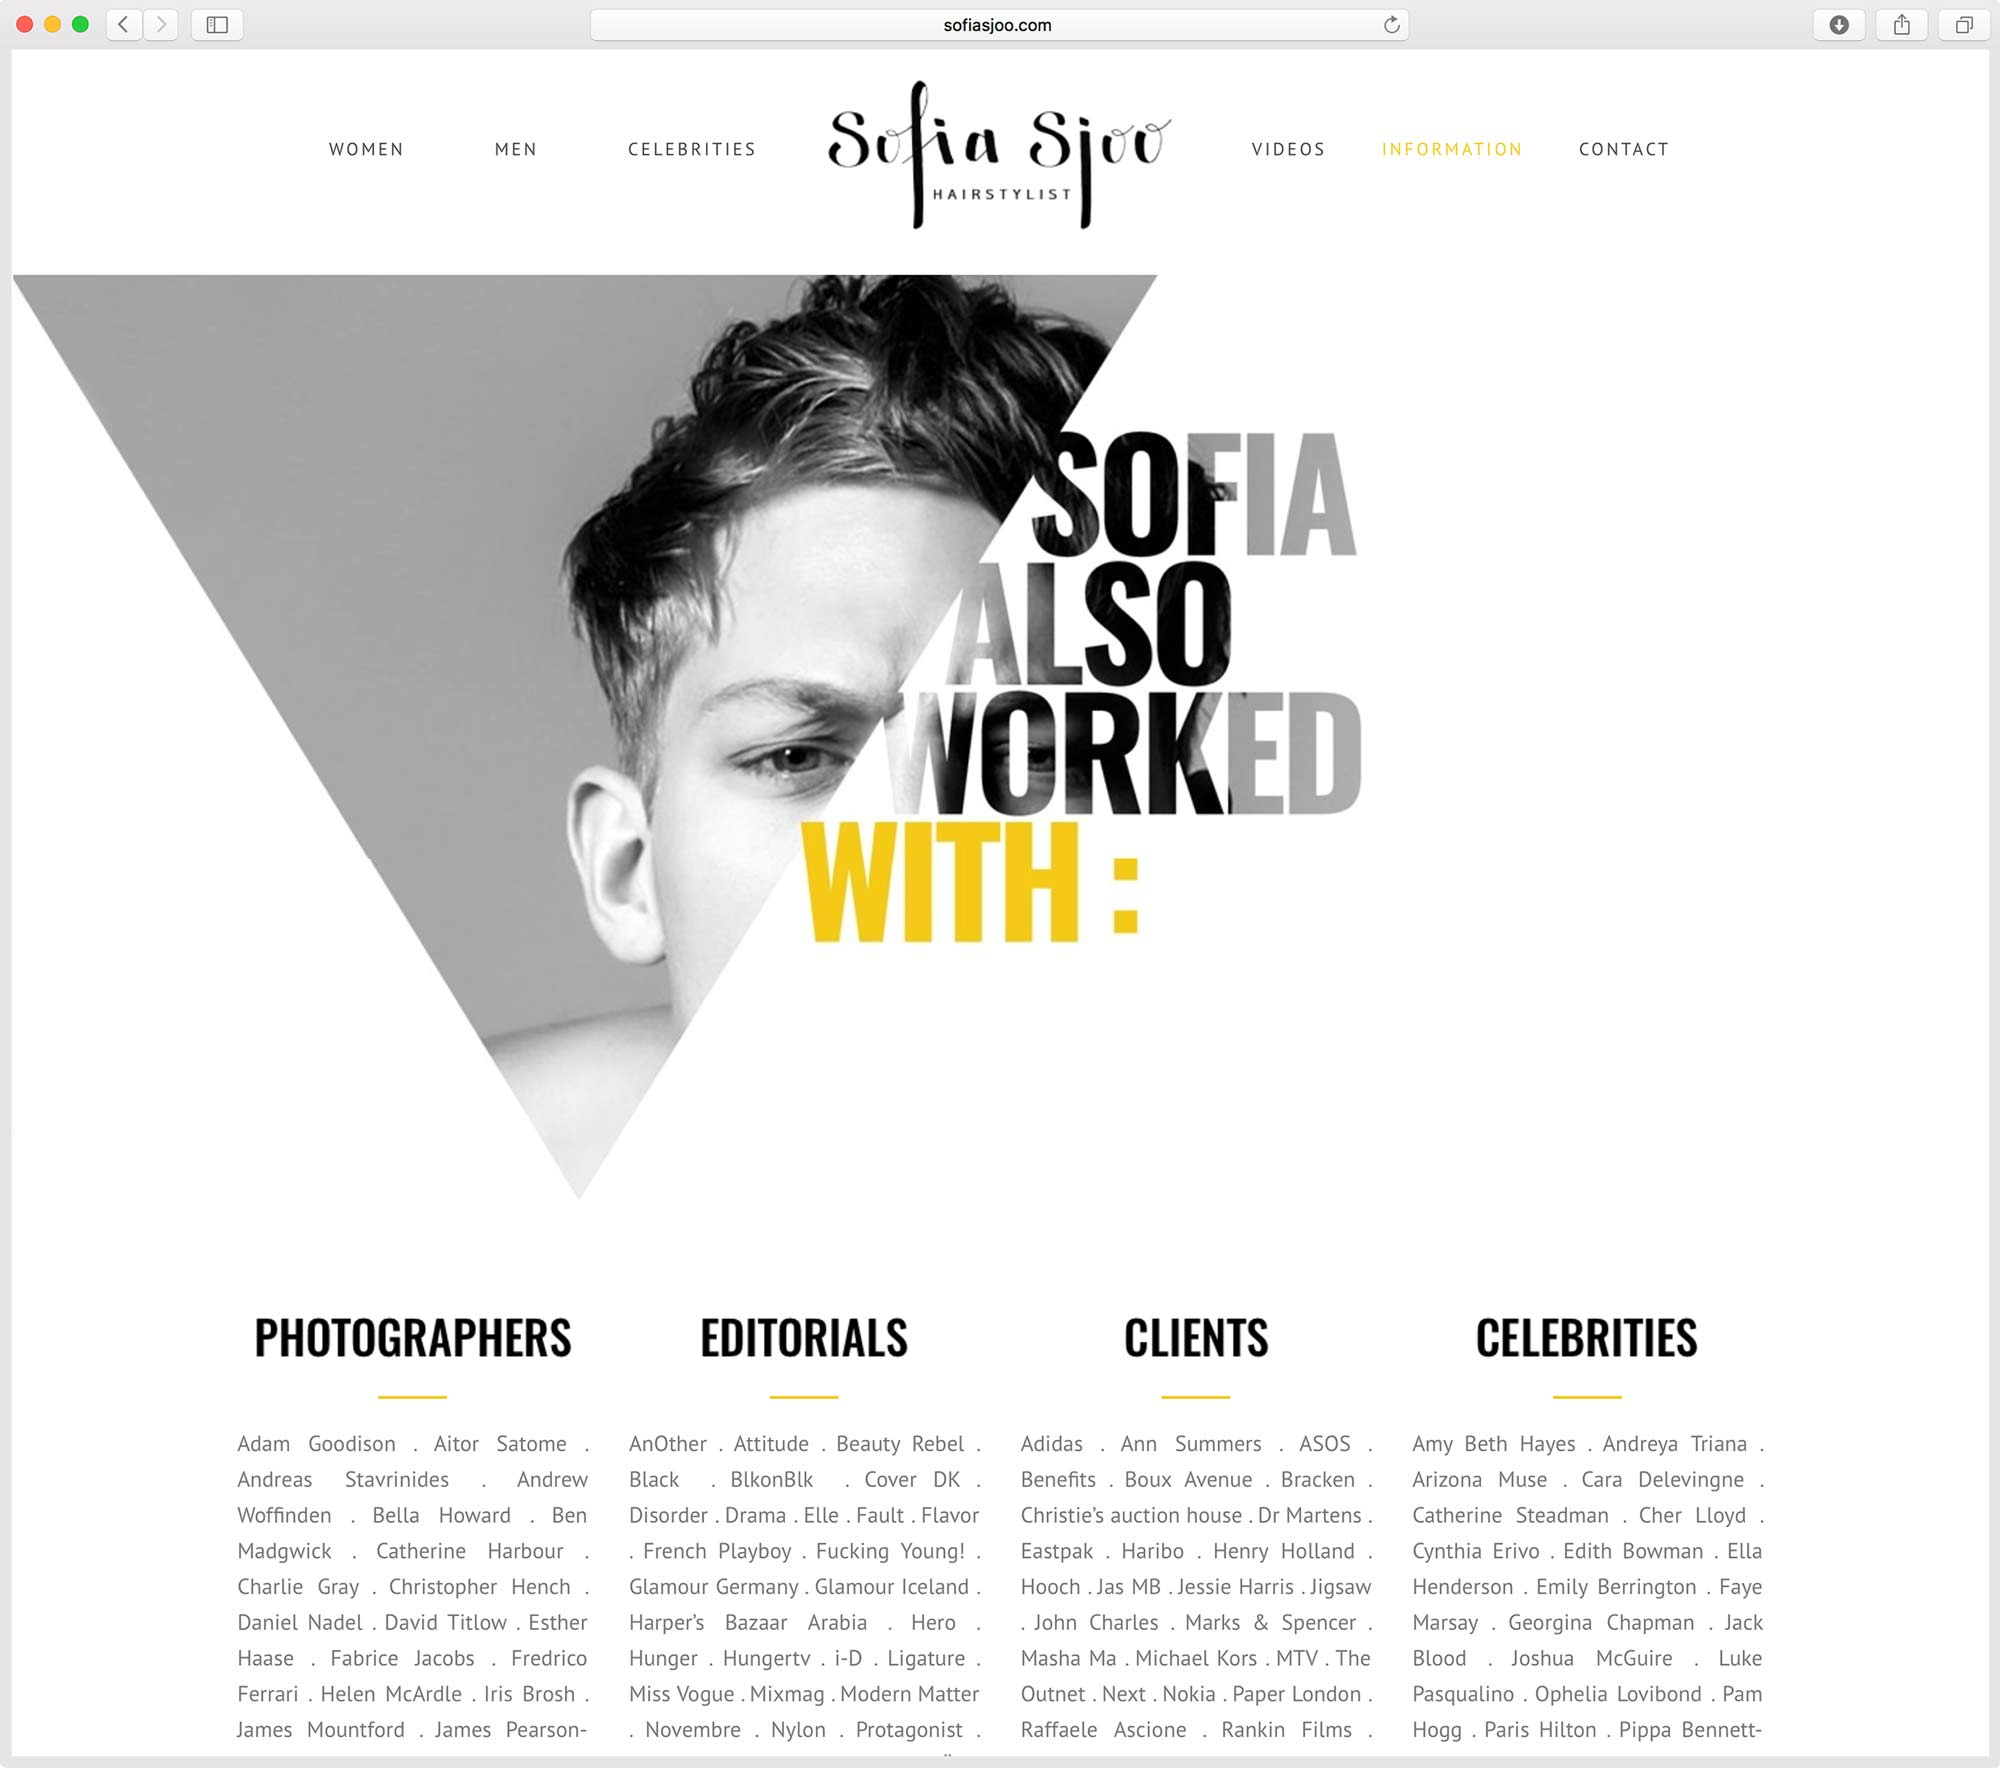 création de site web pour Hair stylist Sofia Sjoo